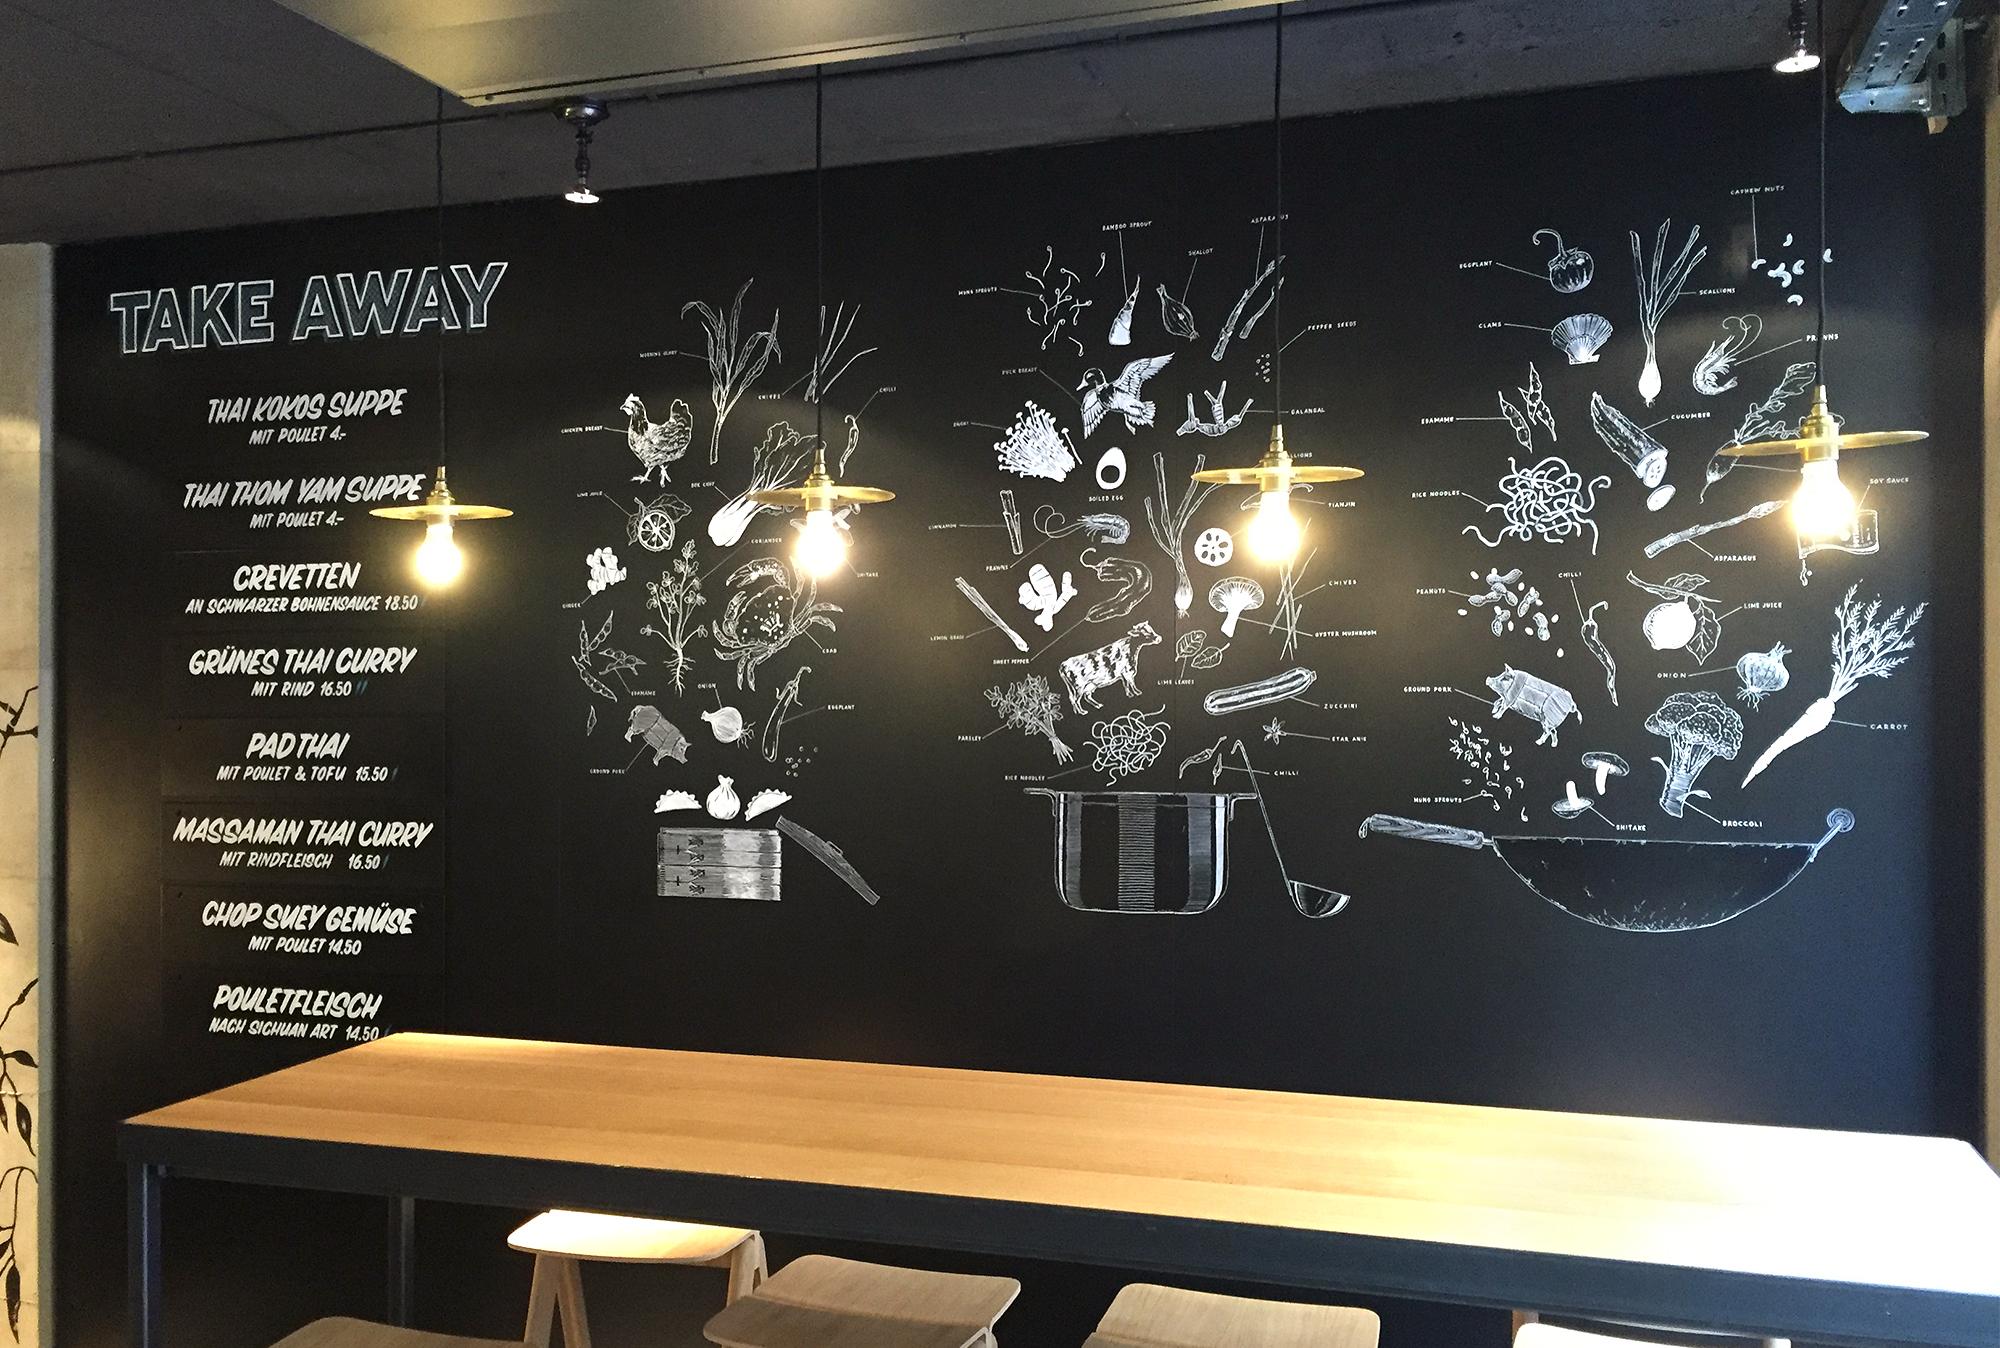 Suan Long Restaurant, Wandbeschriftung, food explosions, mural Schriftenmalerei, Wandbeschriftung, Aussenbeschriftung, hand gemalt, Tafelbeschriftung, Tafelmaler